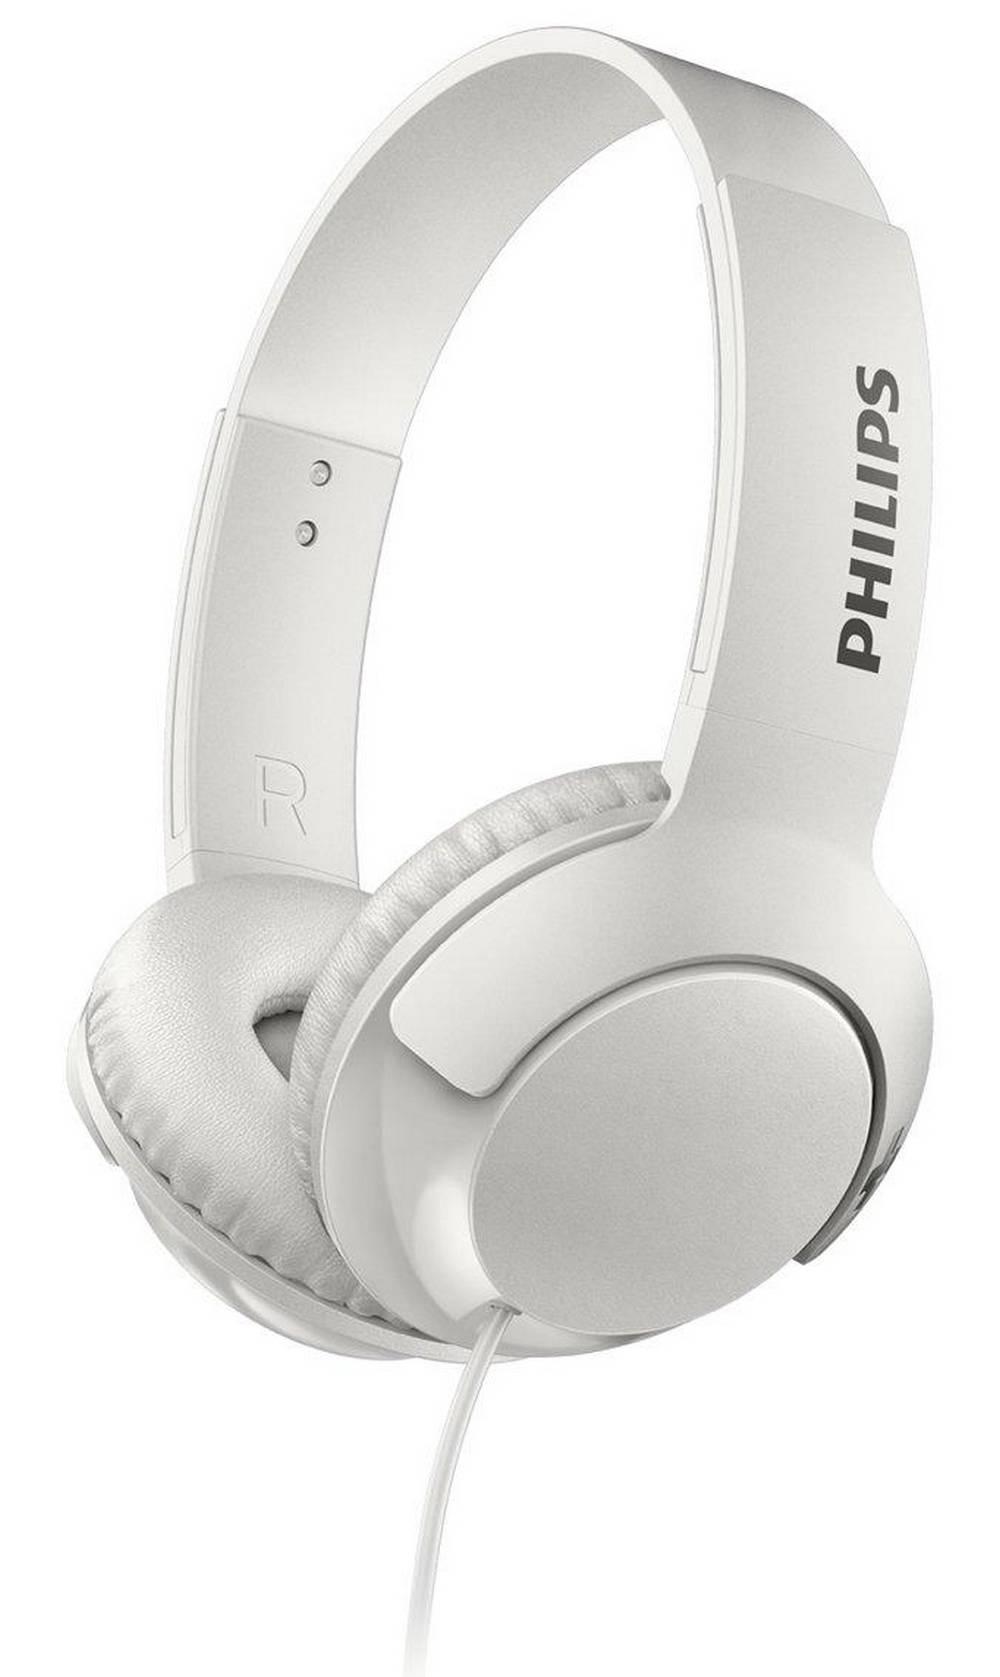 Ακουστικά Stereo με Μικρόφωνο Philips BASS+ SHL3075WT/00 3.5 mm για Apple-Samsung-Sony-Huawei-LG Λευκό